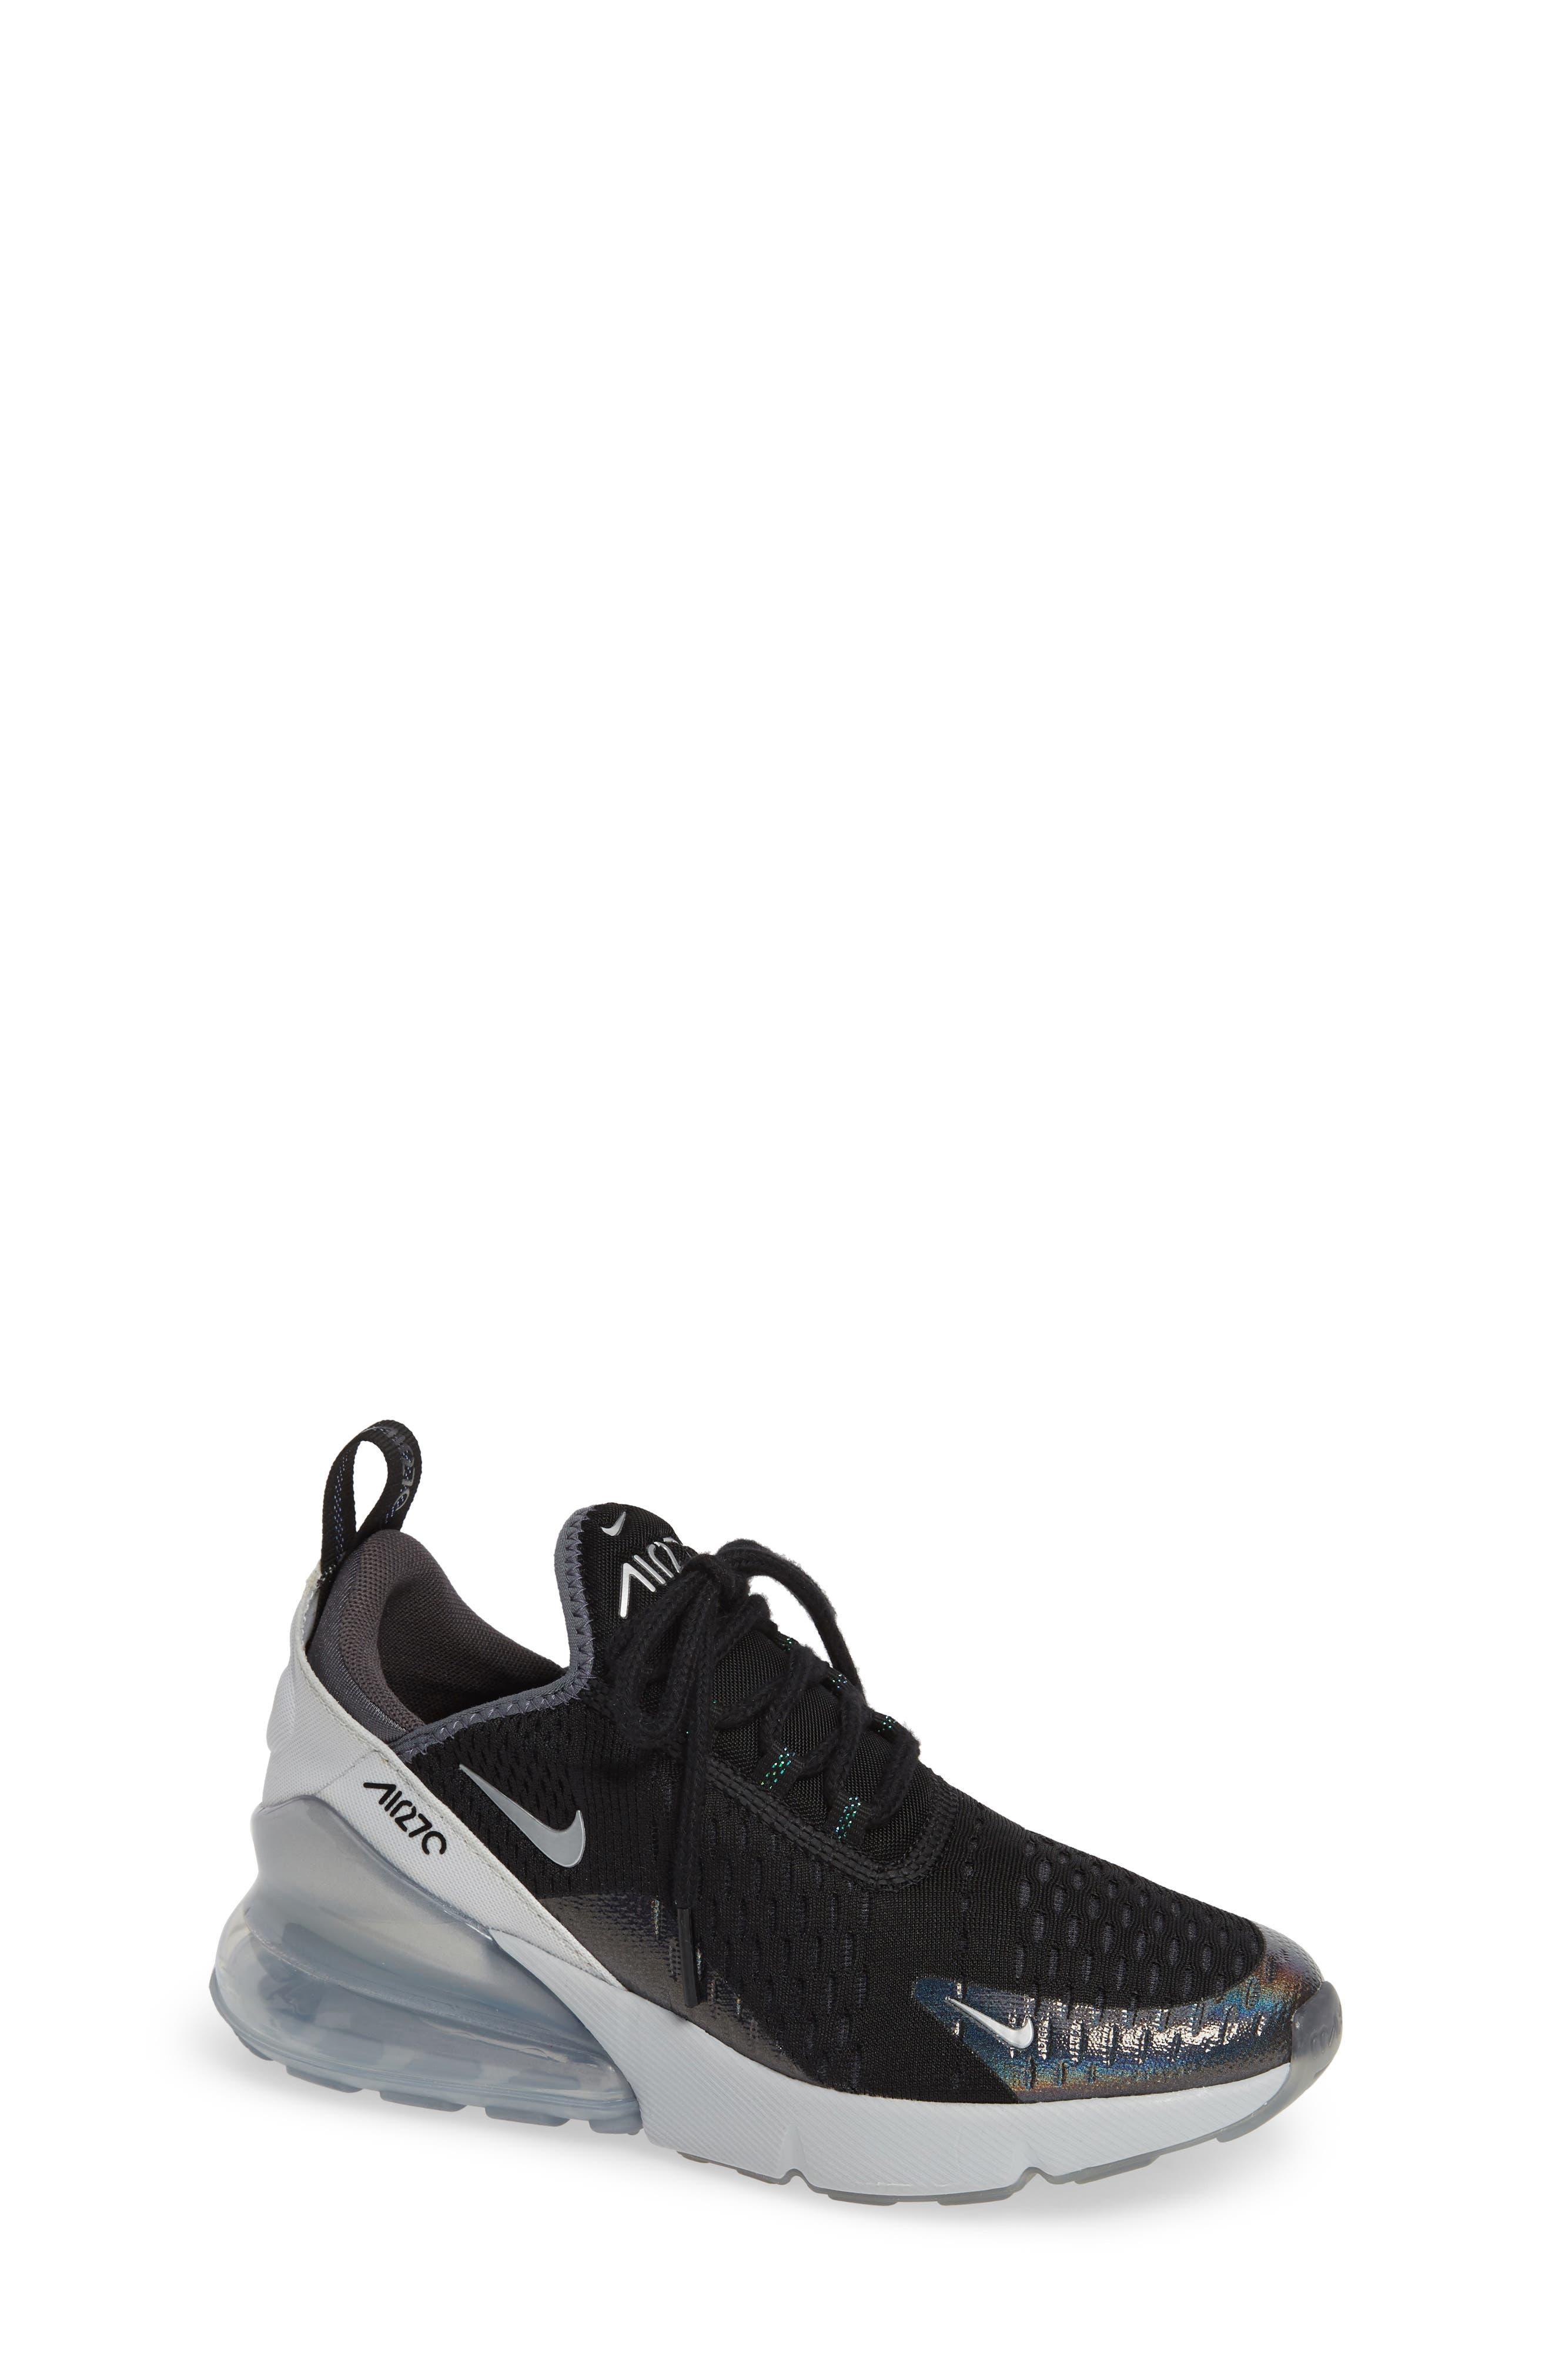 Air Max 270 Y2K Sneaker,                             Main thumbnail 1, color,                             BLACK